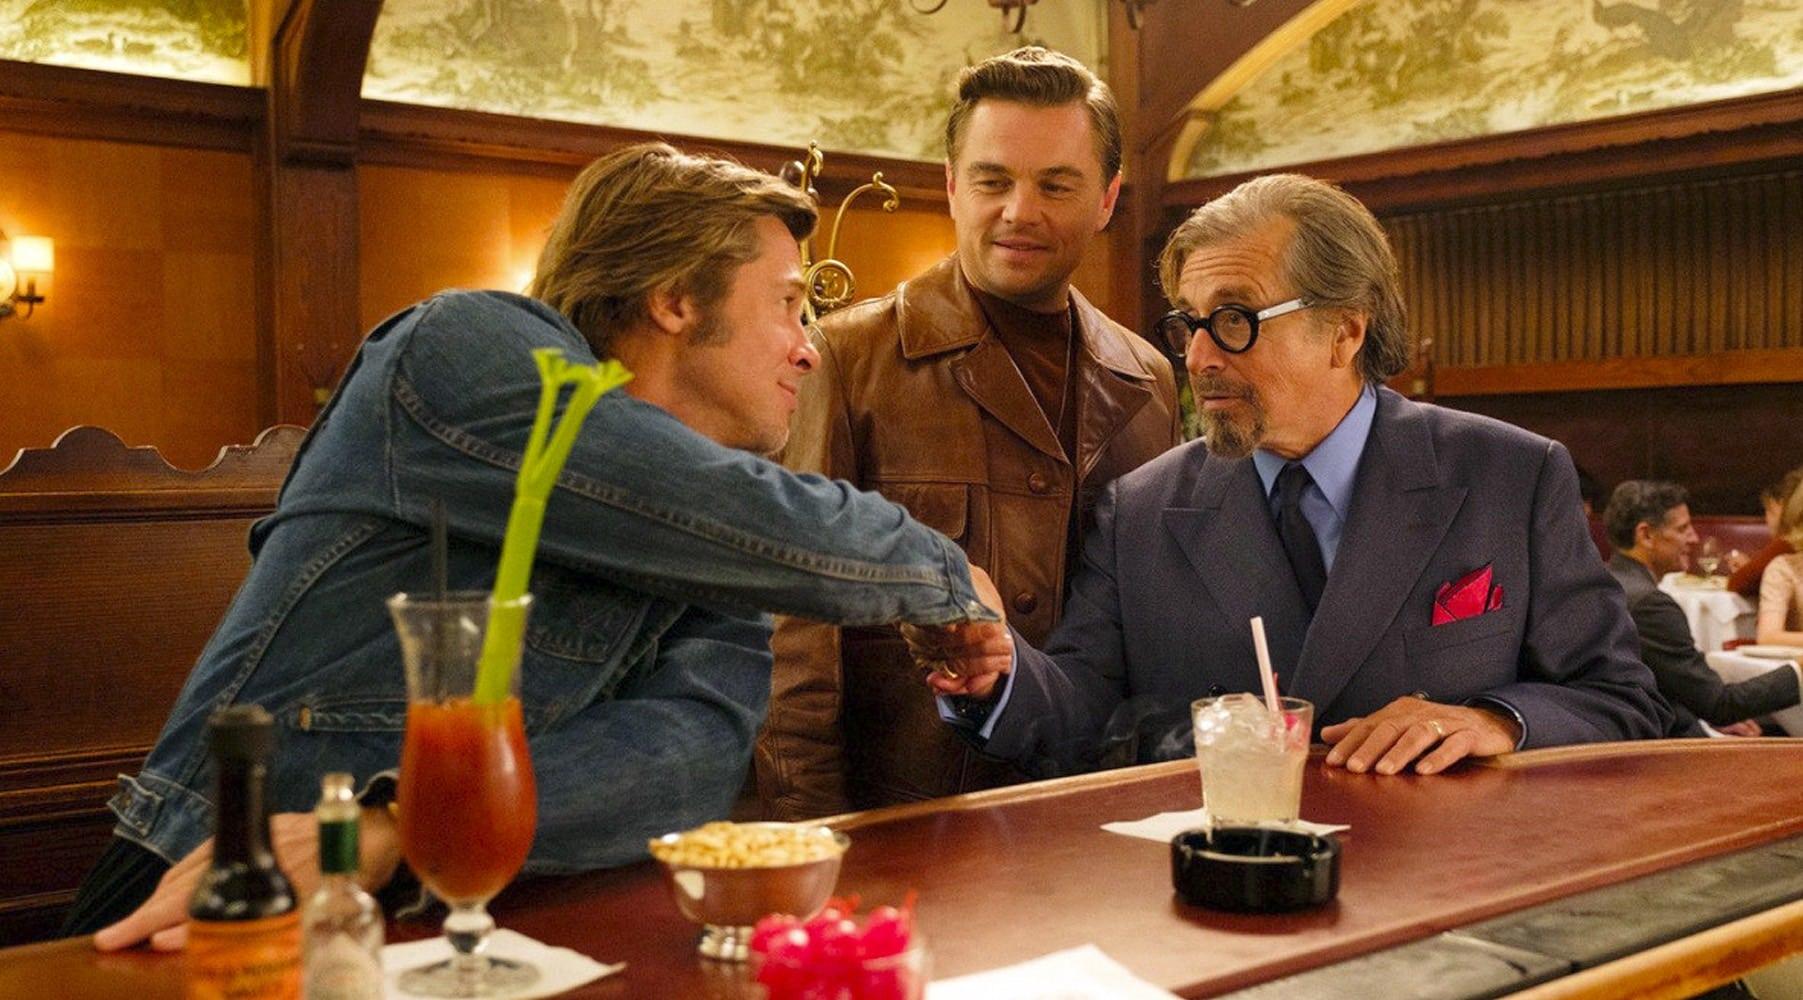 Однажды в Голливуде (2019): отзывы зрителей, актеры - Леонардо Ди Каприо и Брэд Питт